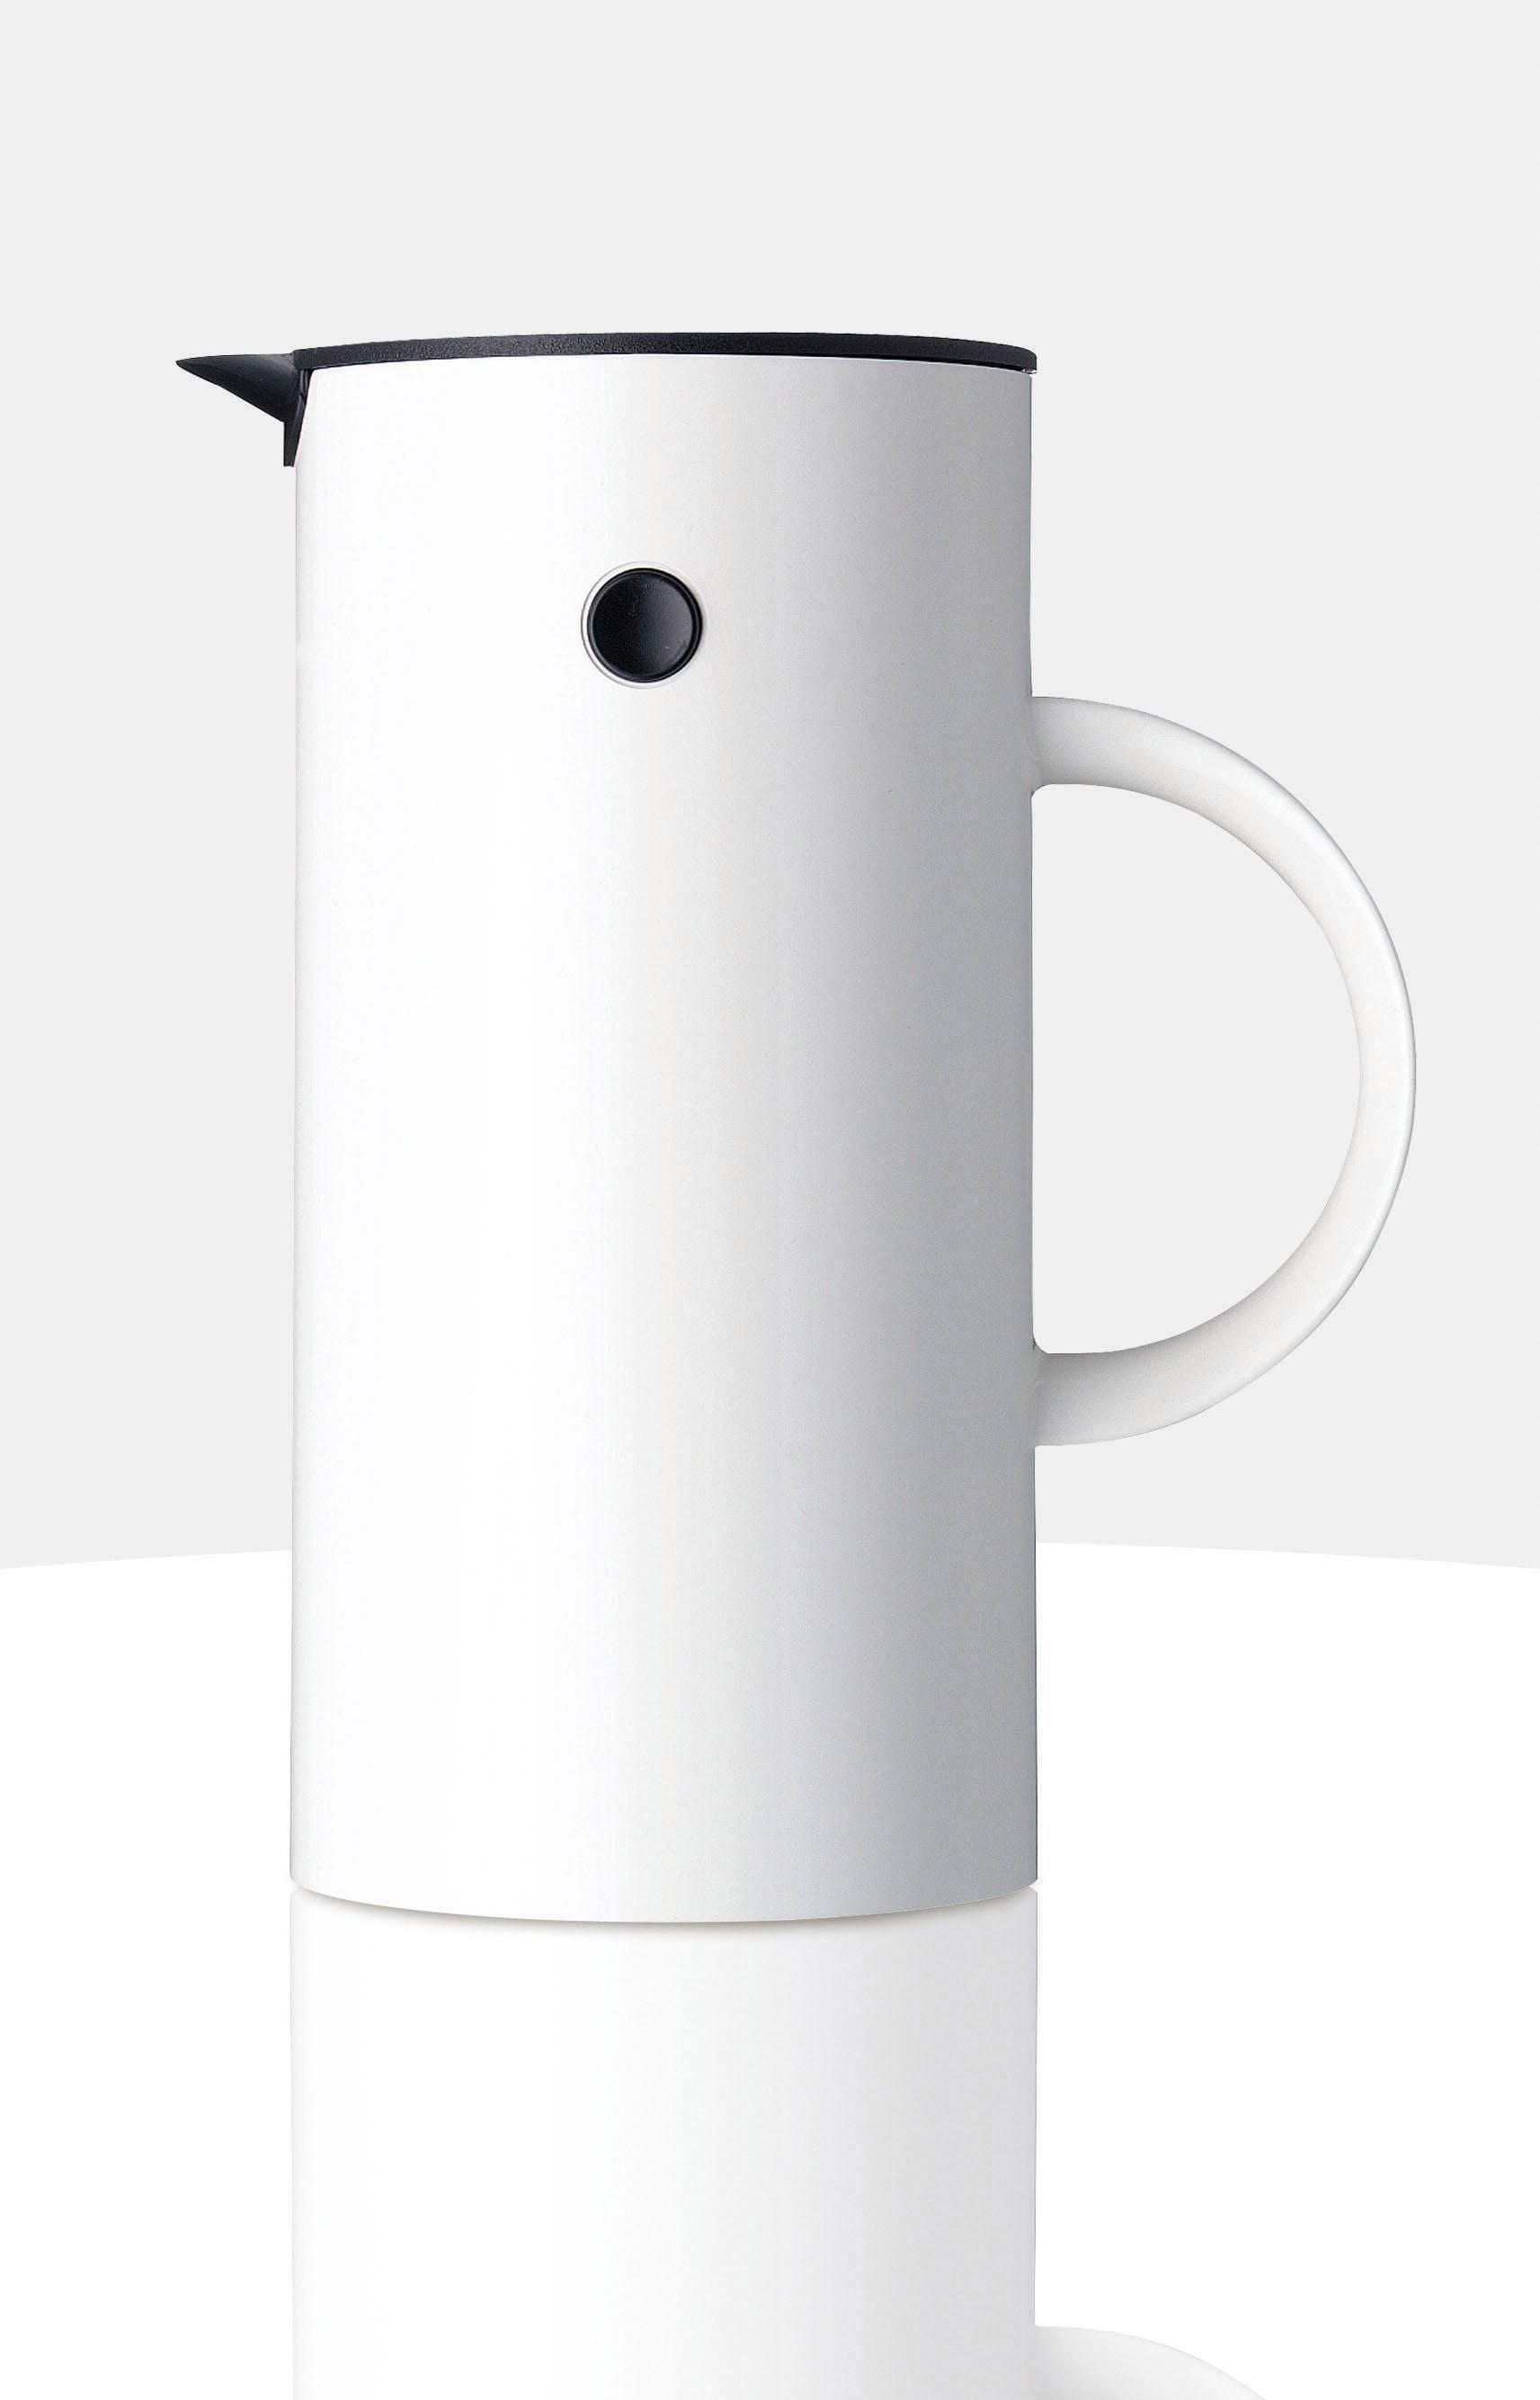 Stelton Isolierkanne EM 77, 0,5 l weiß Kannen Geschirr, Porzellan Tischaccessoires Haushaltswaren